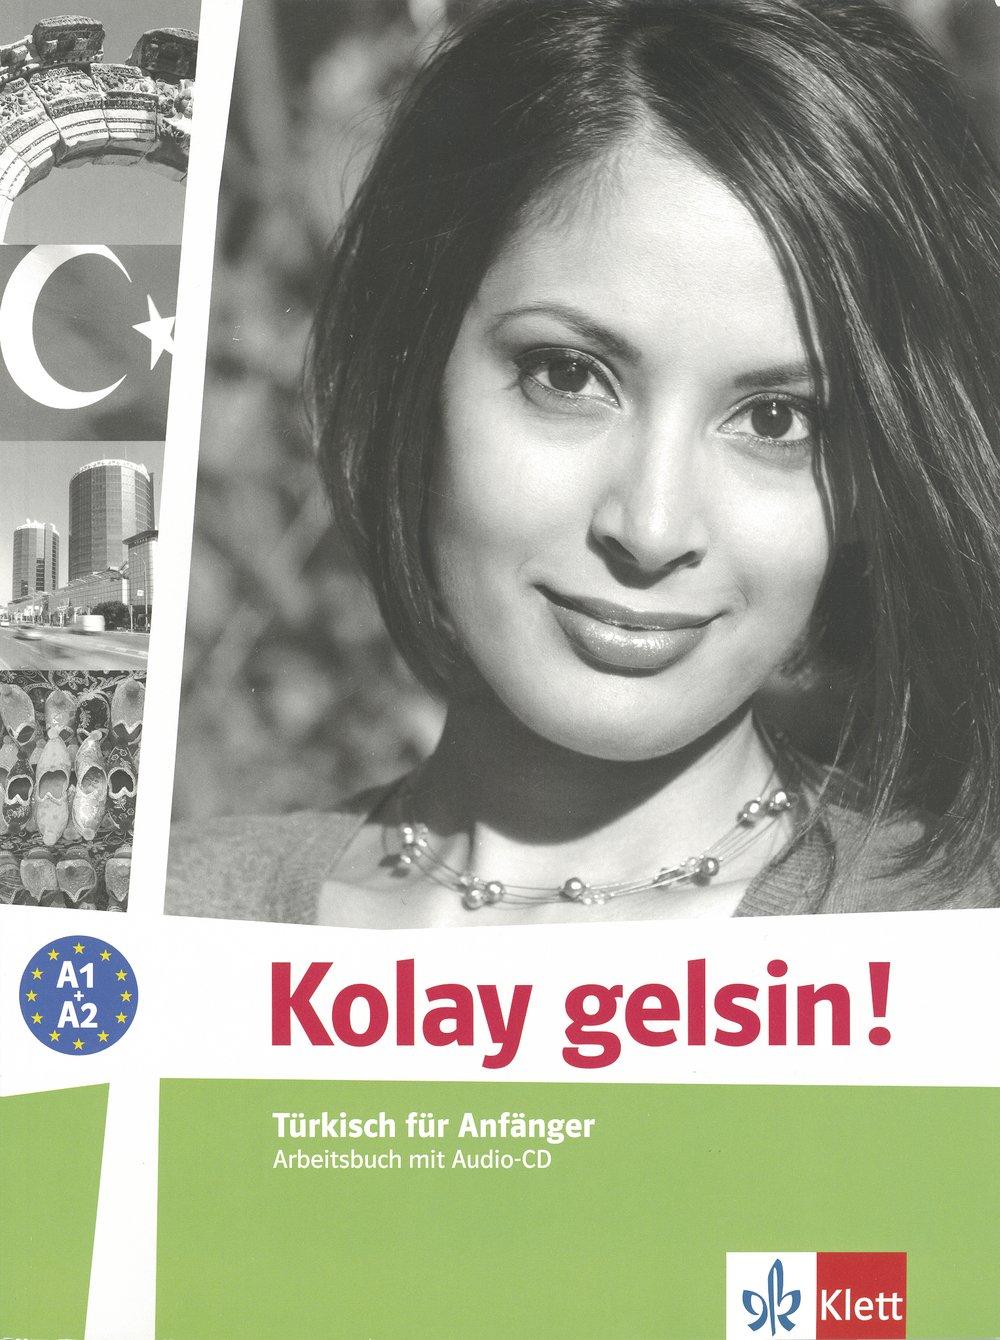 Kolay gelsin! A1-A2: Türkisch für Anfänger. Arbeitsbuch + Audio-CD